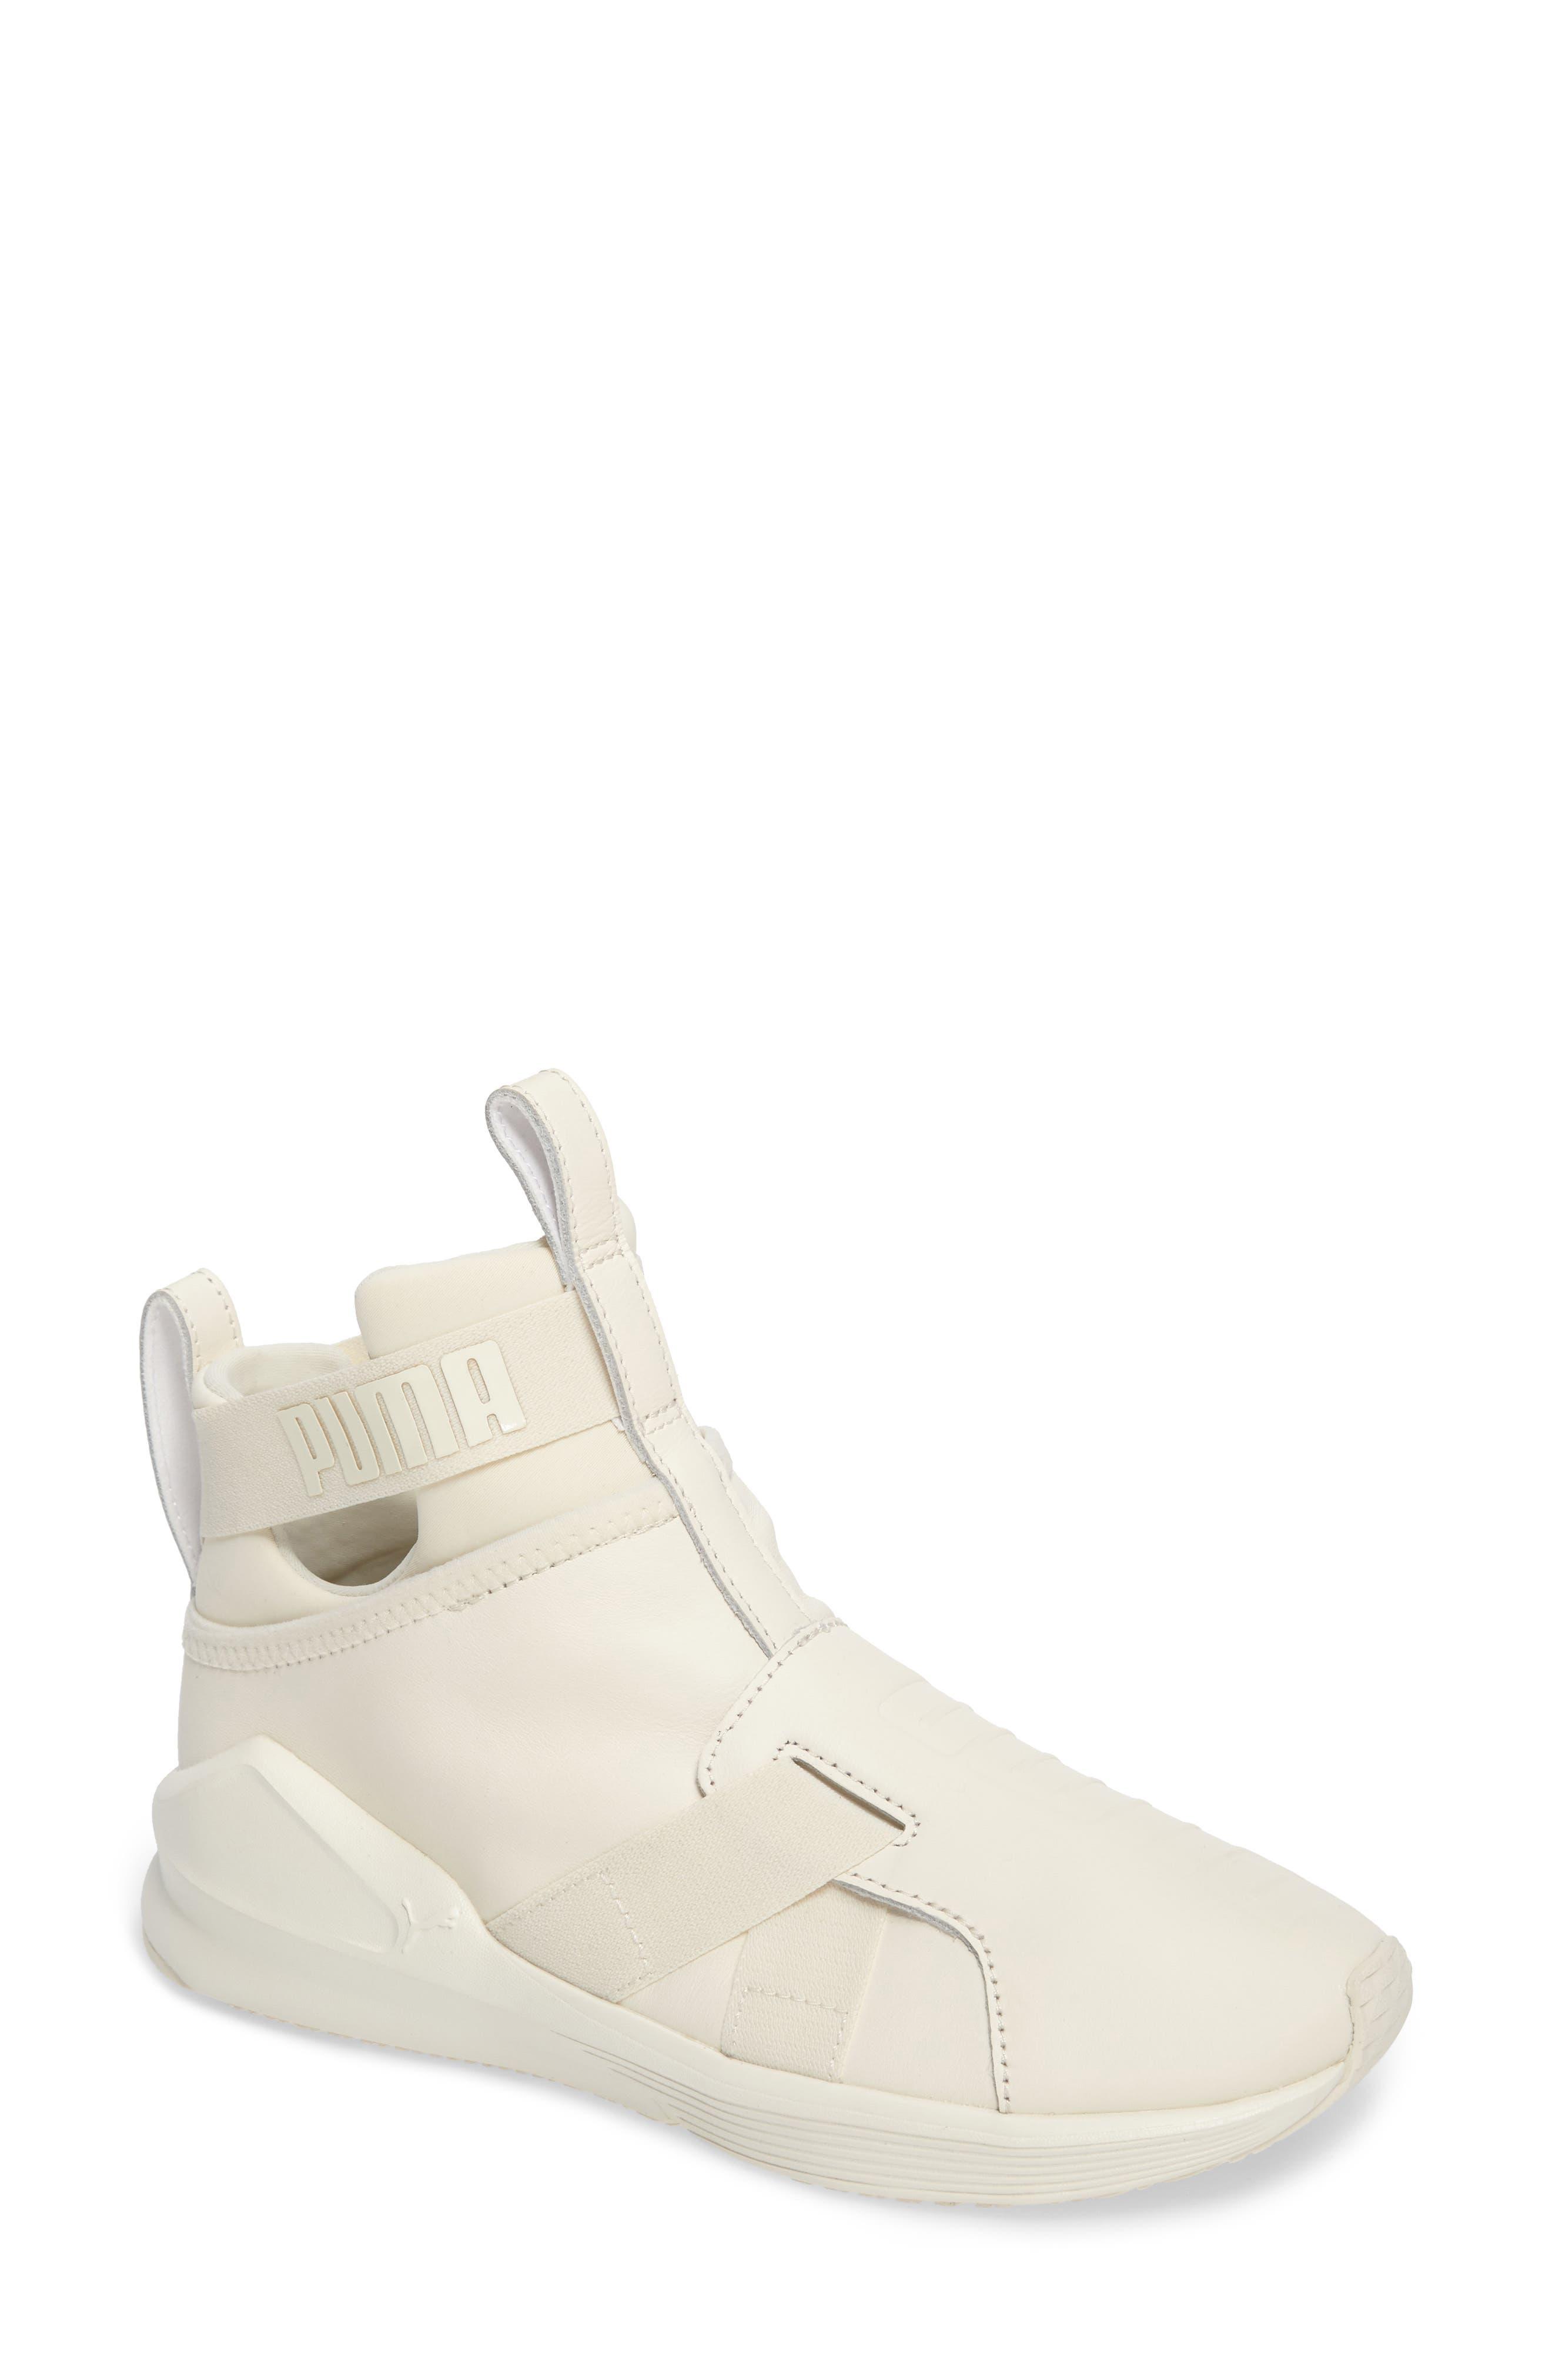 Main Image - PUMA Fierce Strap Training Sneaker (Women)